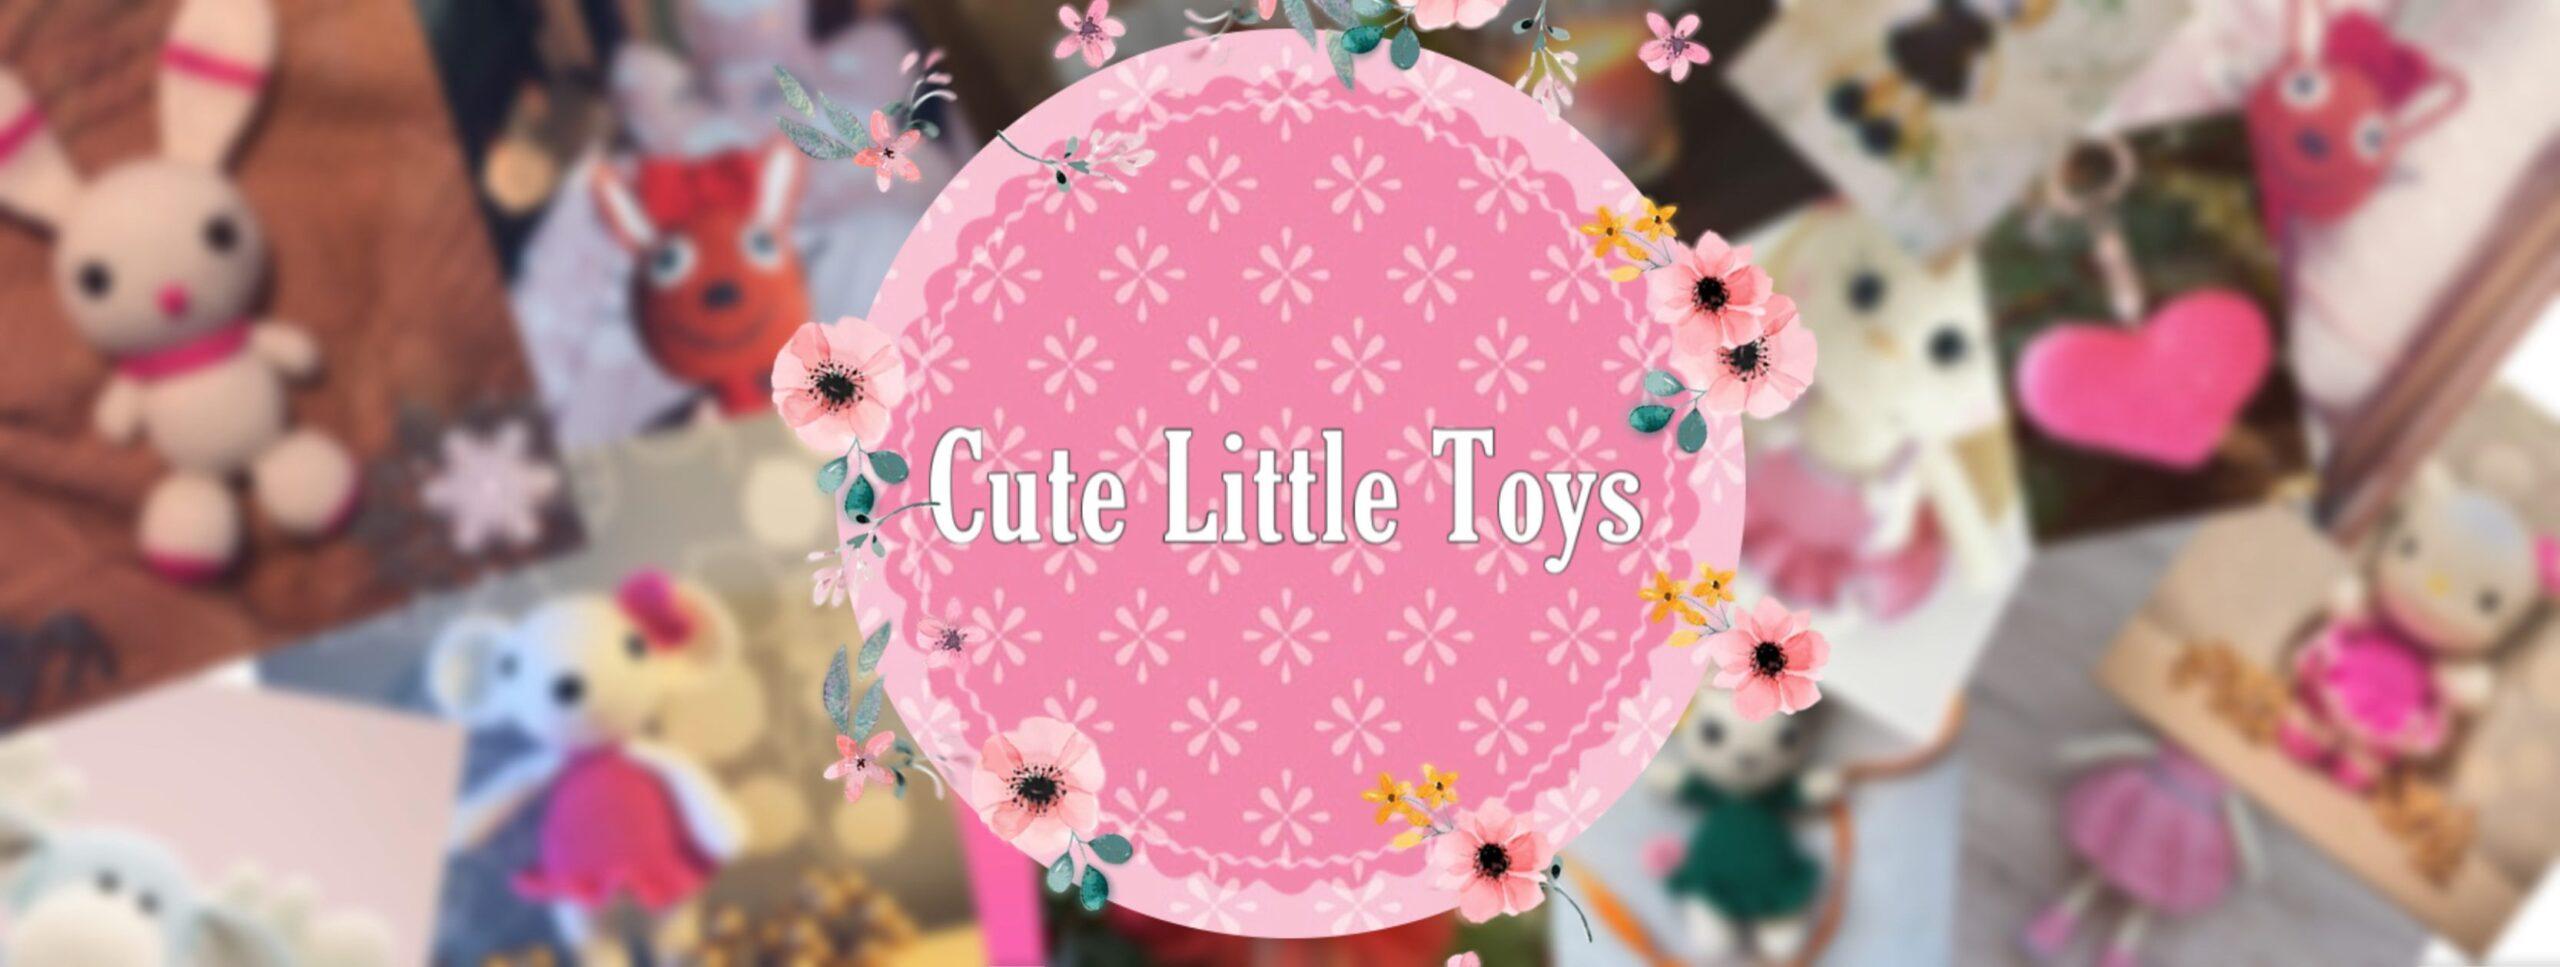 Cute Little Toys